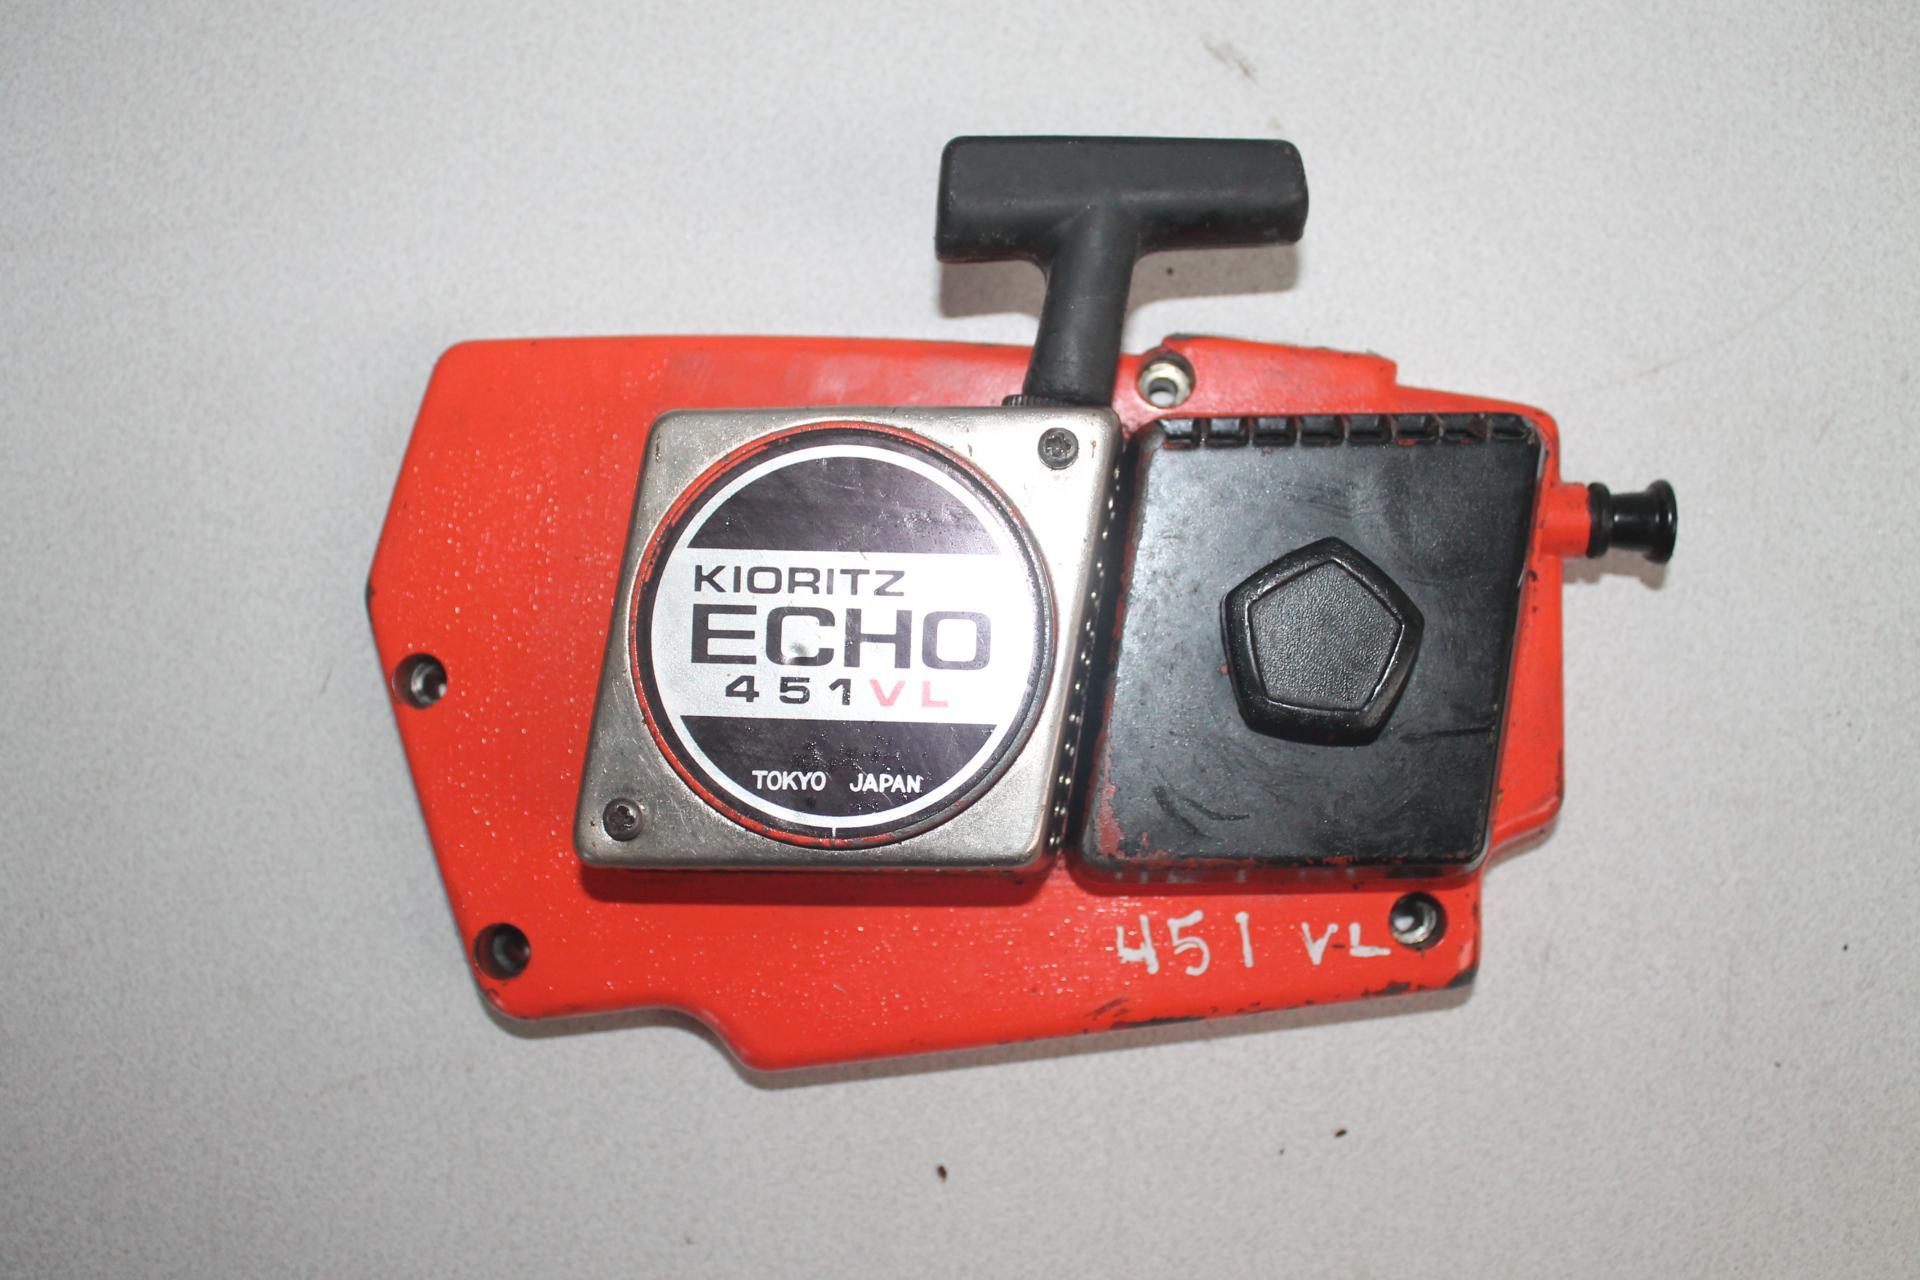 Arranque Echo 451 VL